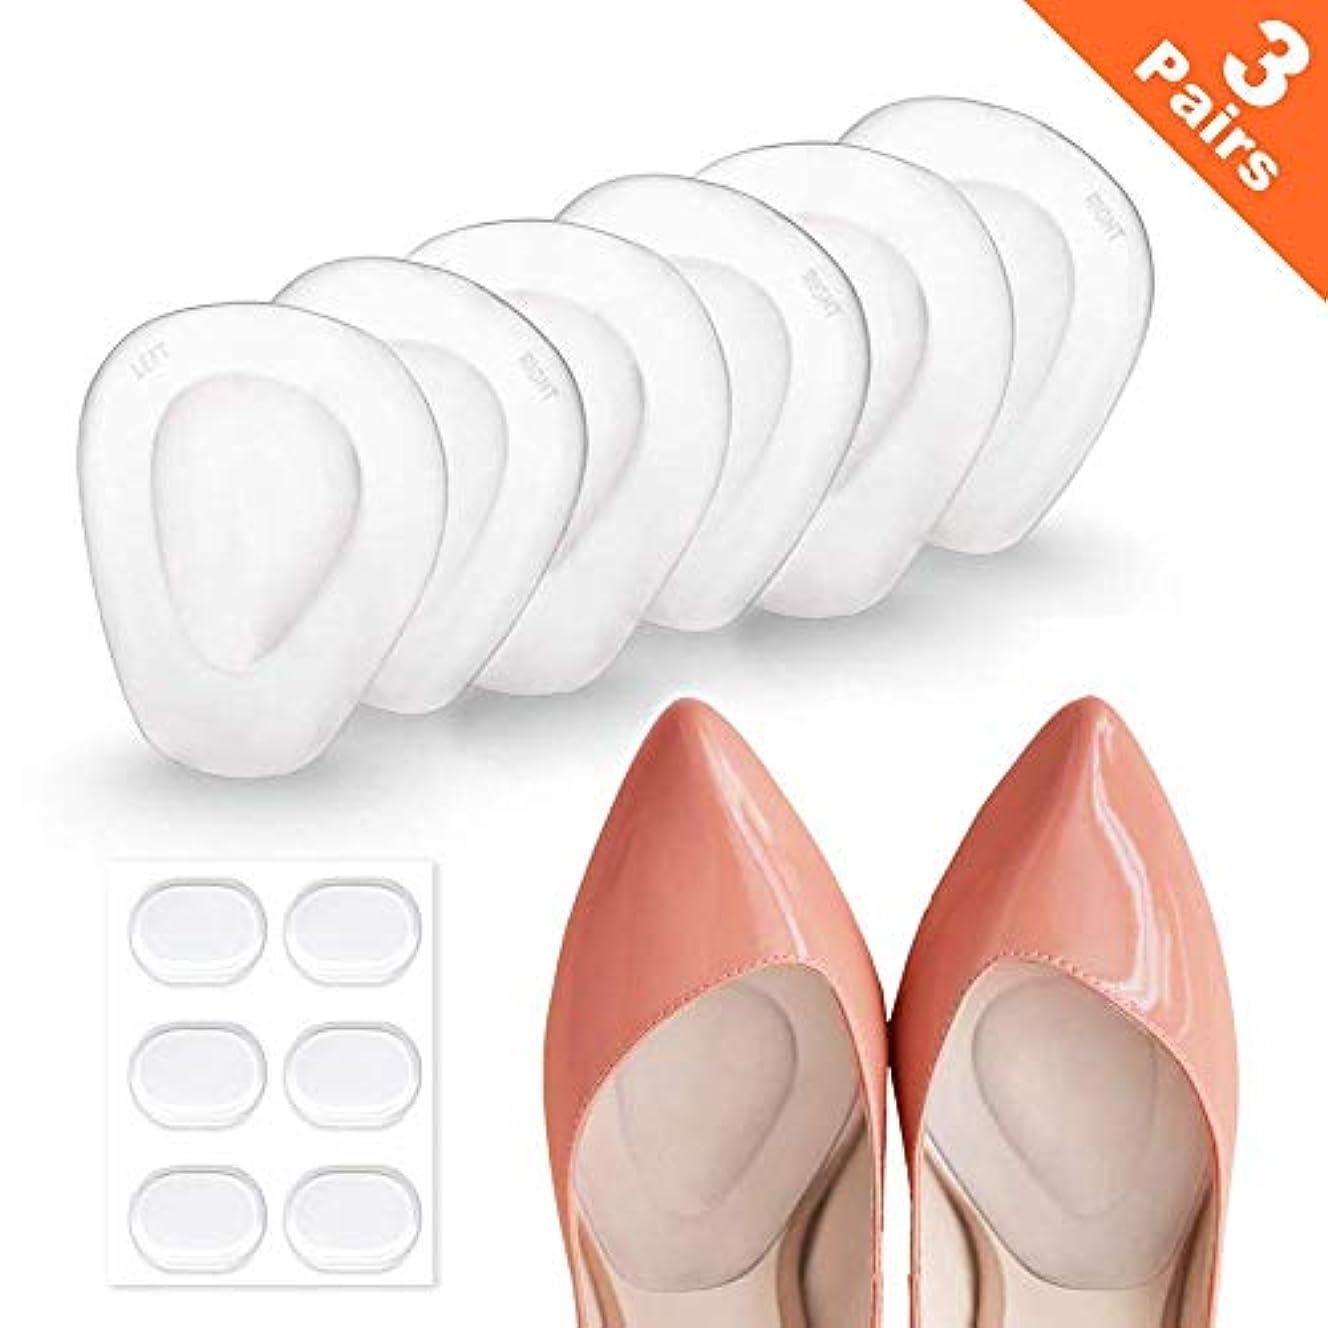 財政幻滅解放女性用中足パッド(3ペア中足パッド)-フットクッションの再利用可能なソフトジェルボール終日痛みを緩和し、靴のフィットを修正